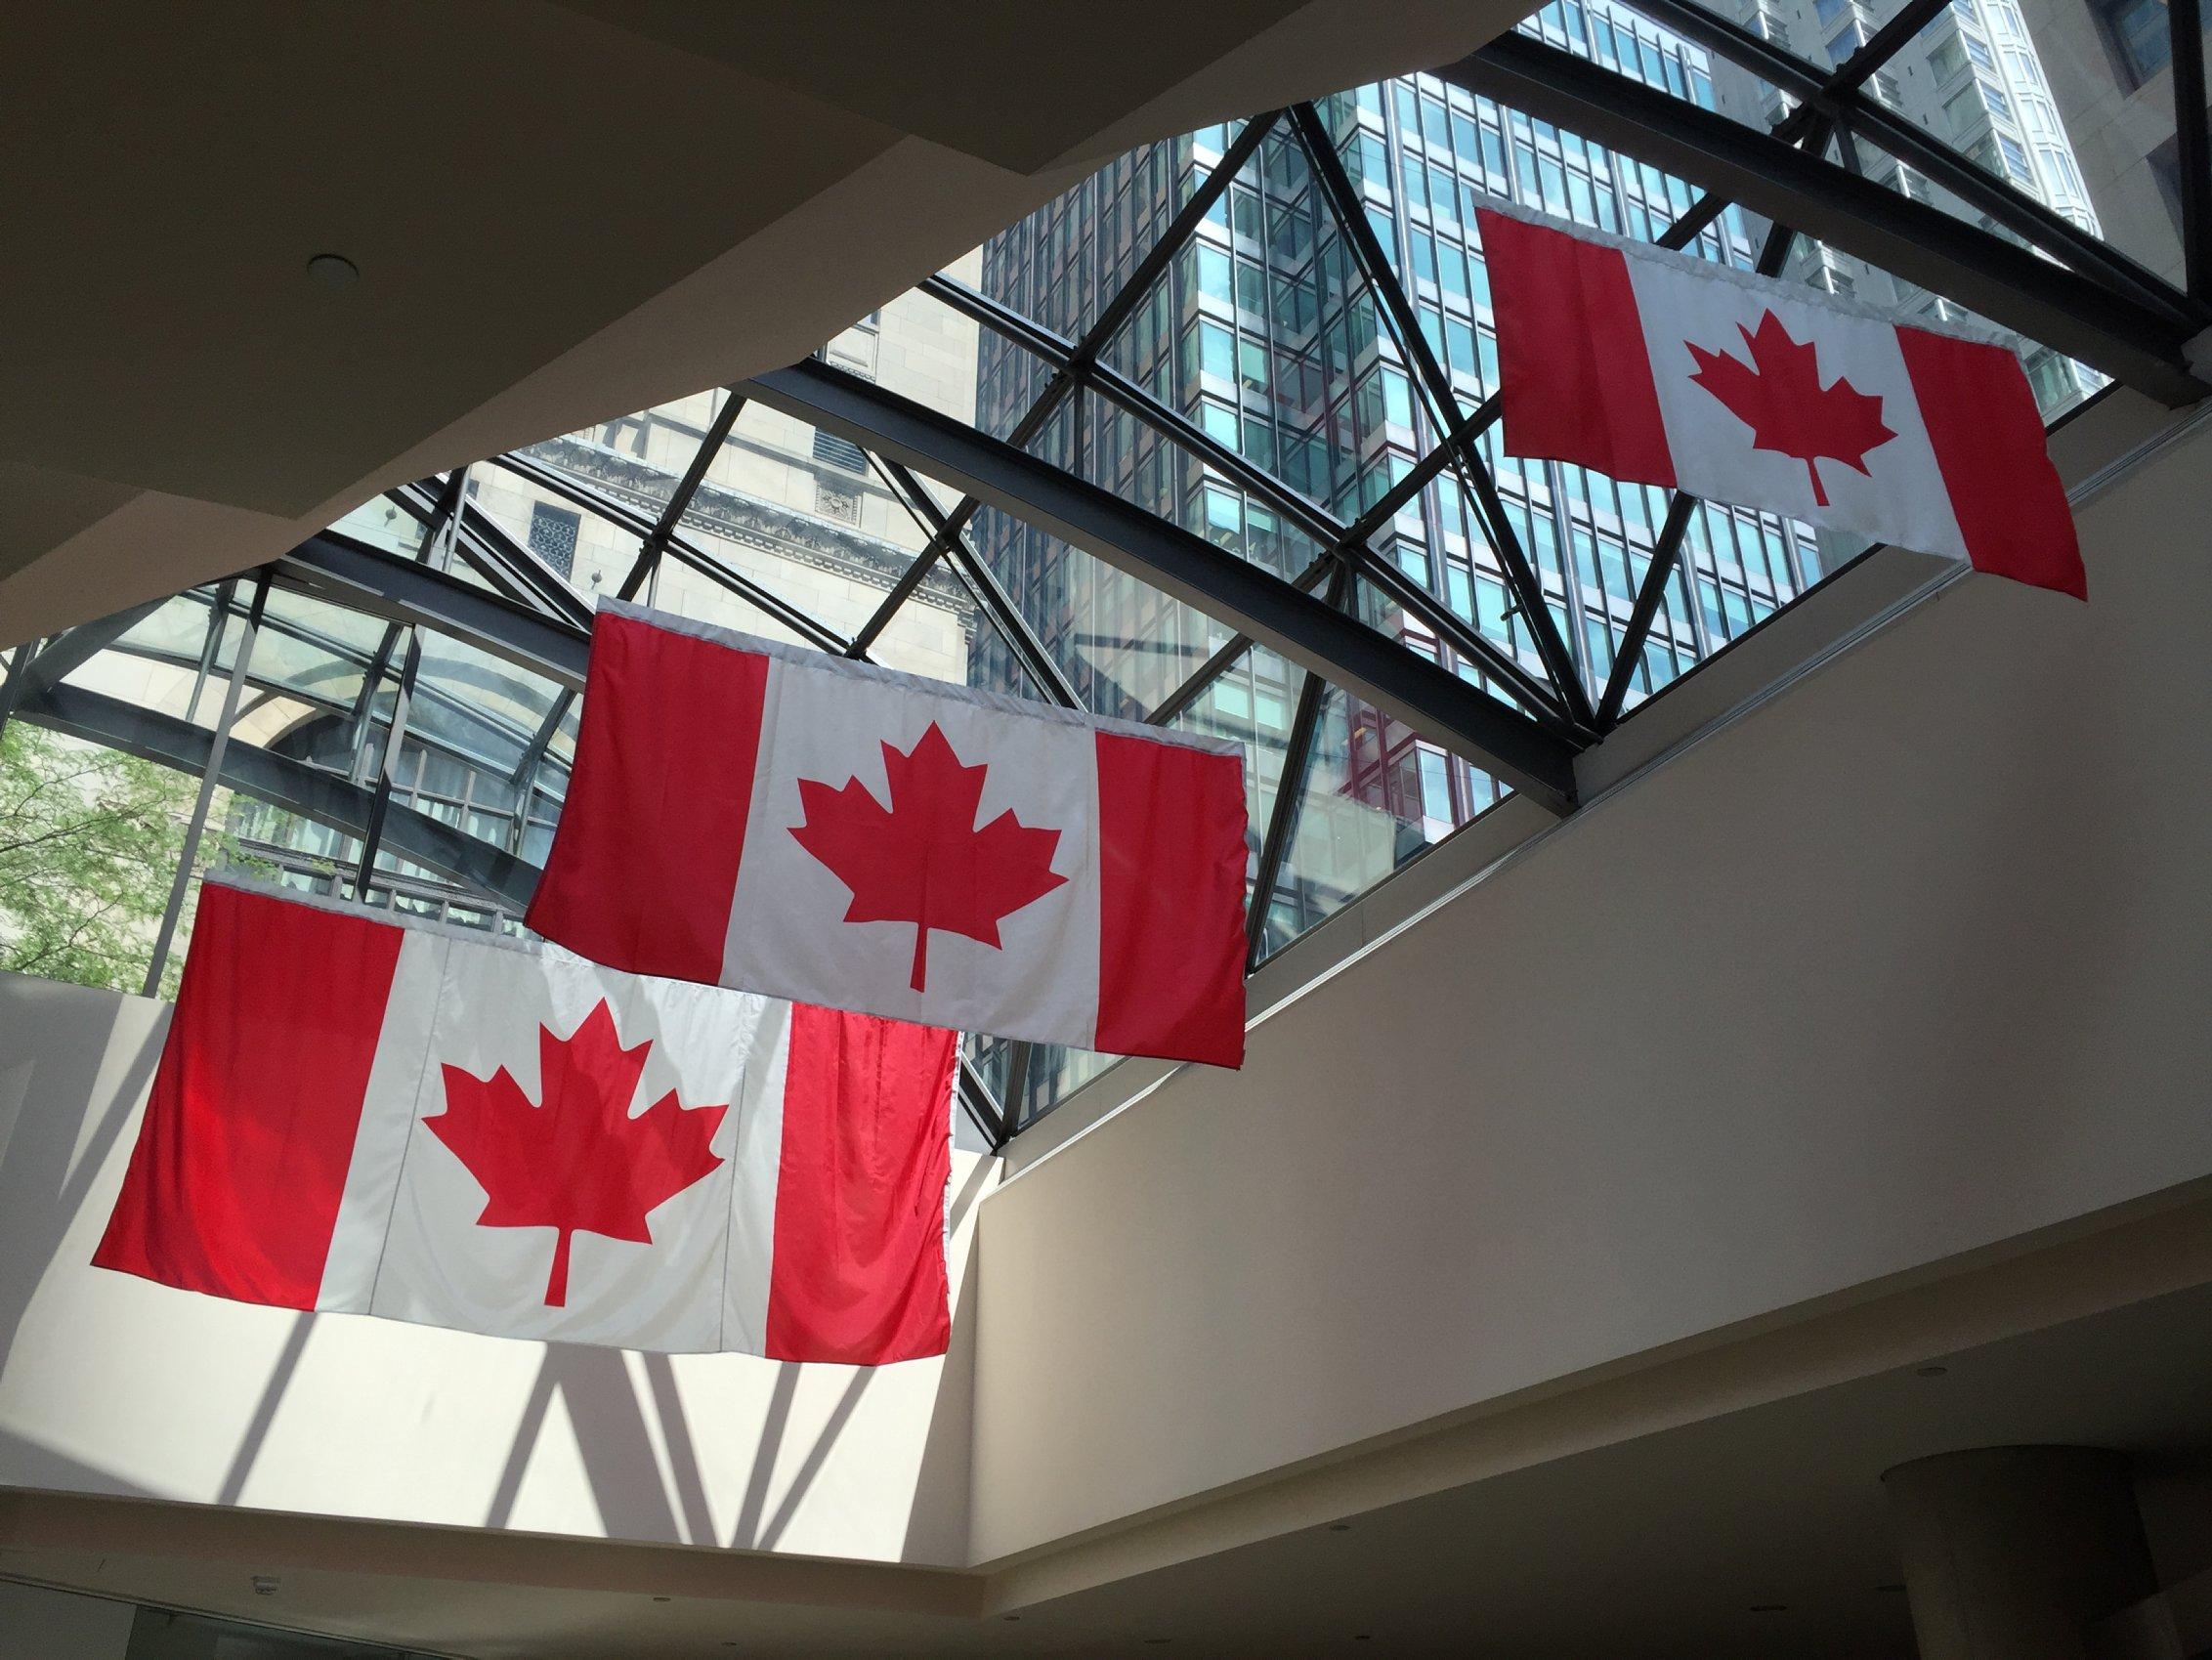 Colapsa en minutos proceso para apadrinar a inmigrantes a Canadá